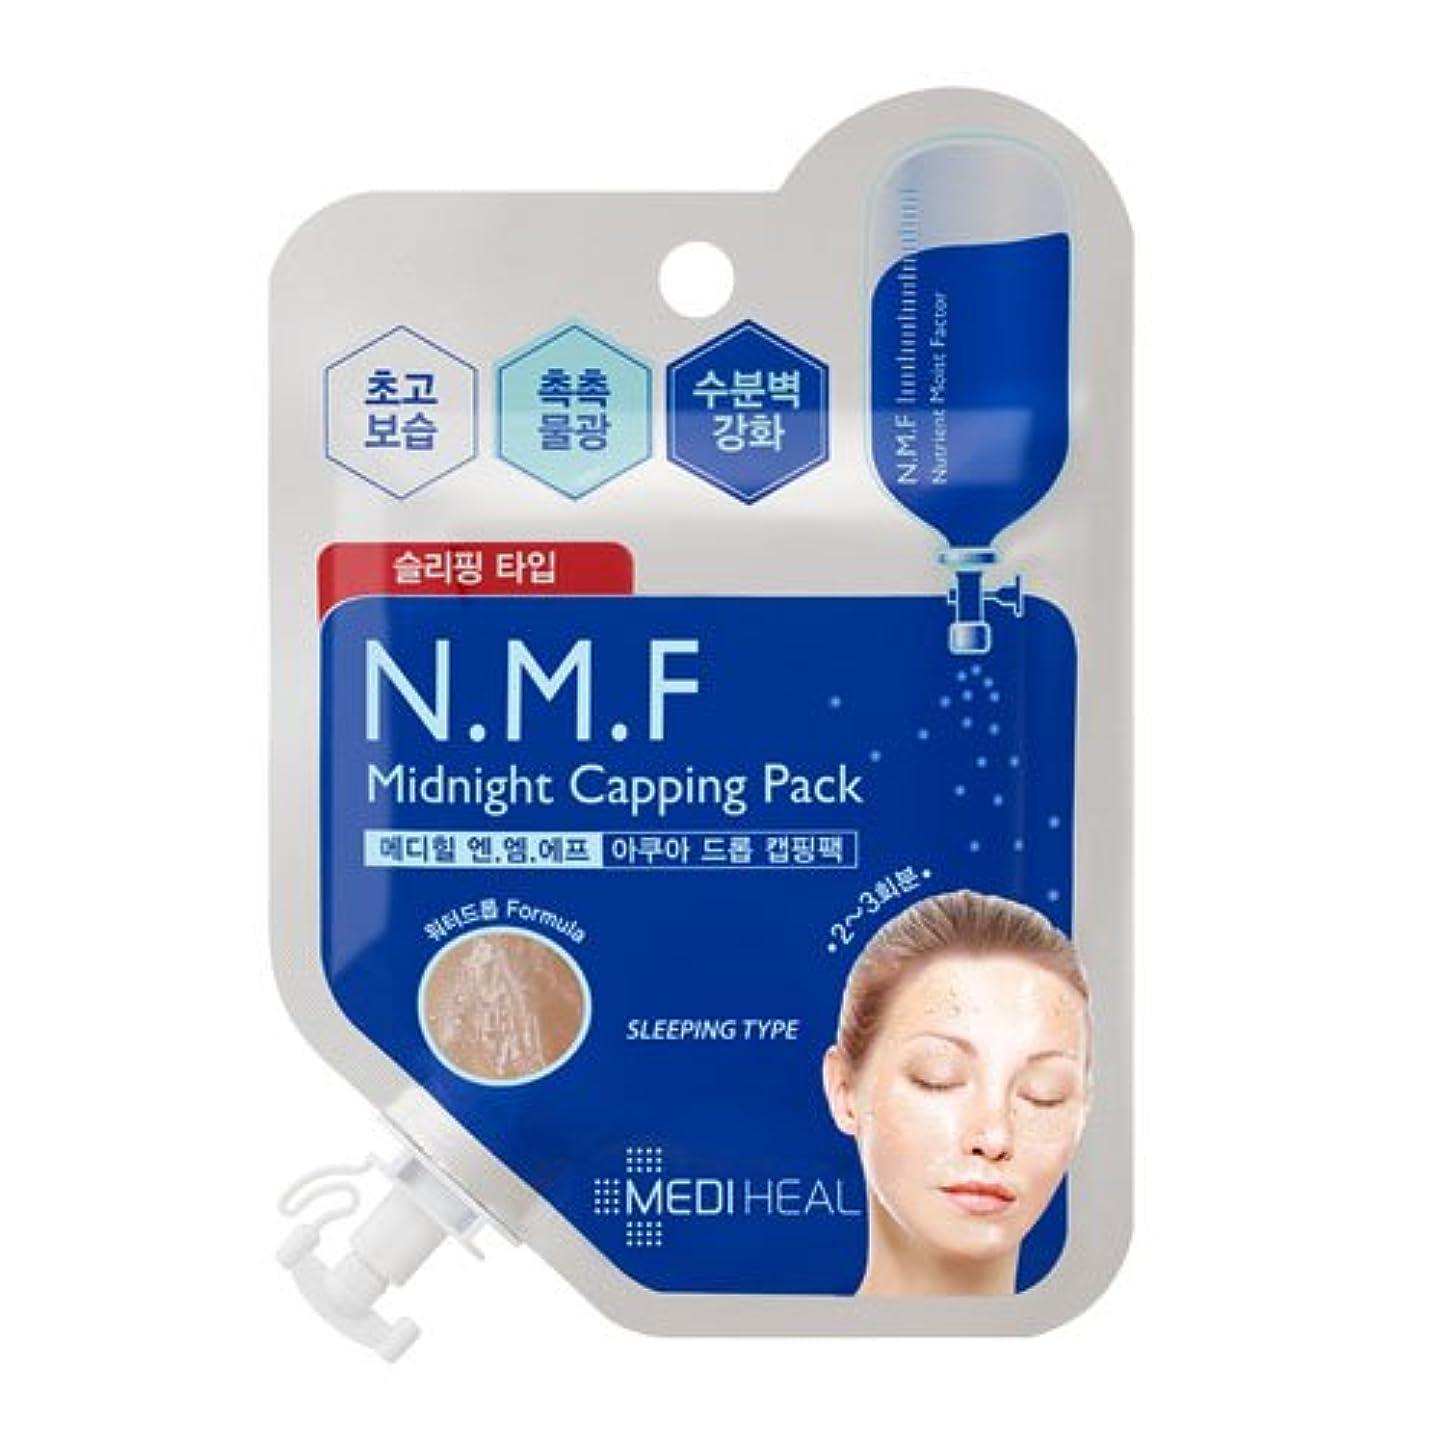 メディヒール NMF ミッドナイト キャッピング パック 5P [海外直送品][並行輸入品]